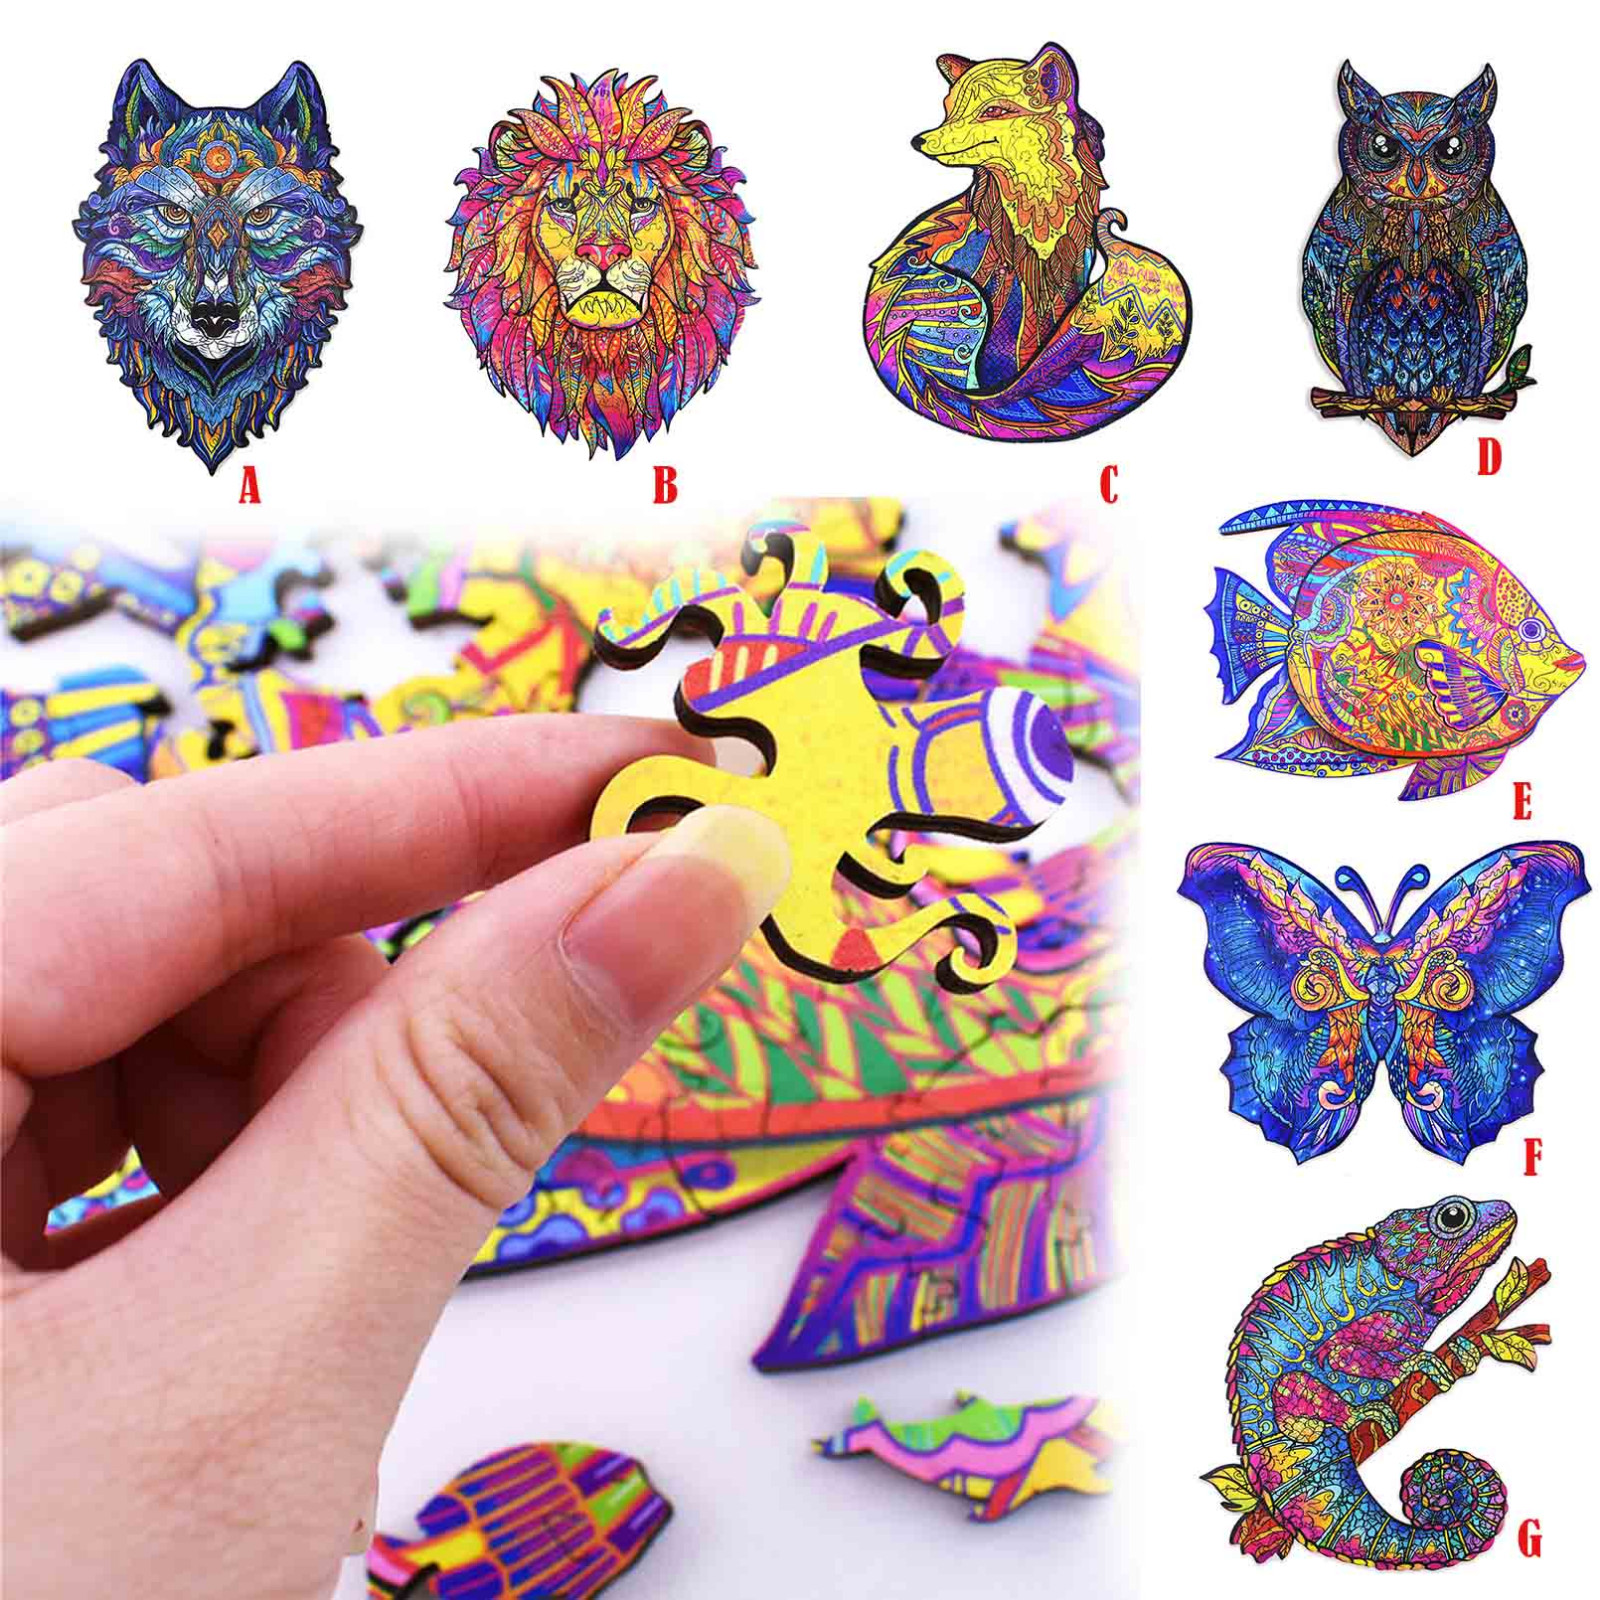 Brinquedos para crianças 100 peças de madeira quebra-cabeça forma original peças presente animal para adultos e crianças 5mm brinquedos